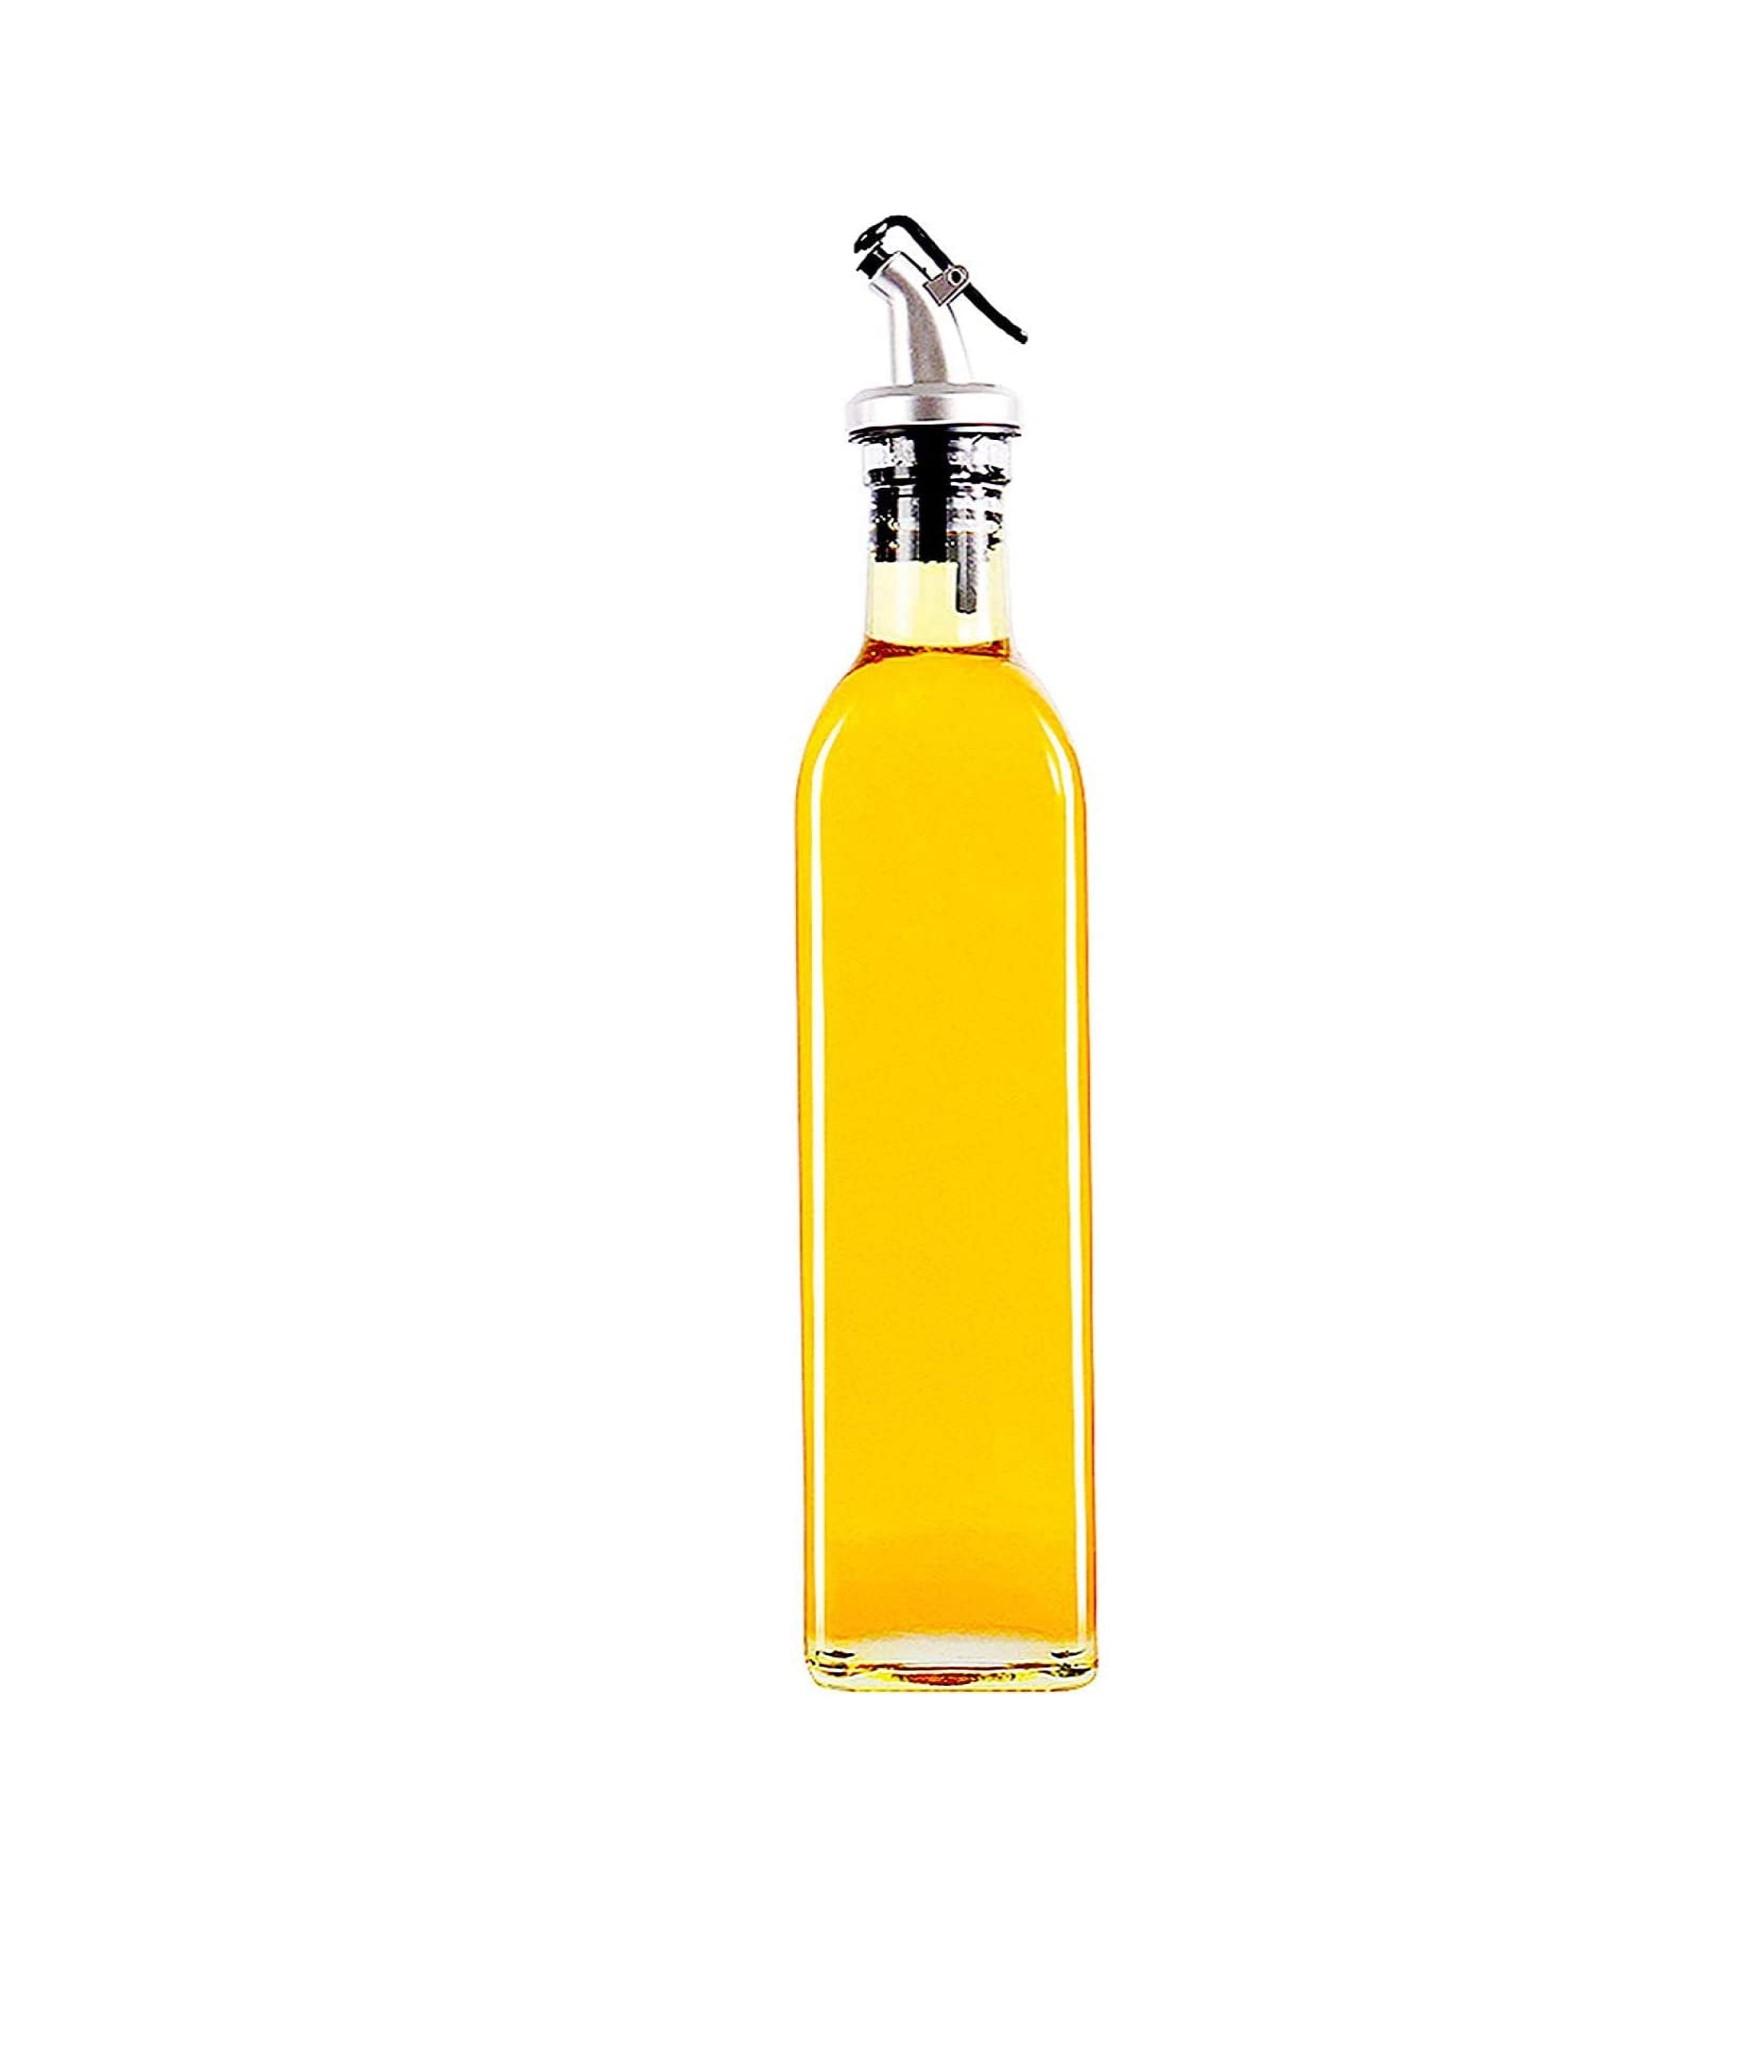 UPKARANWALE Oil glass vinegar Dispenser Bottle Leak proof Oil Bottle Set   Set of 1